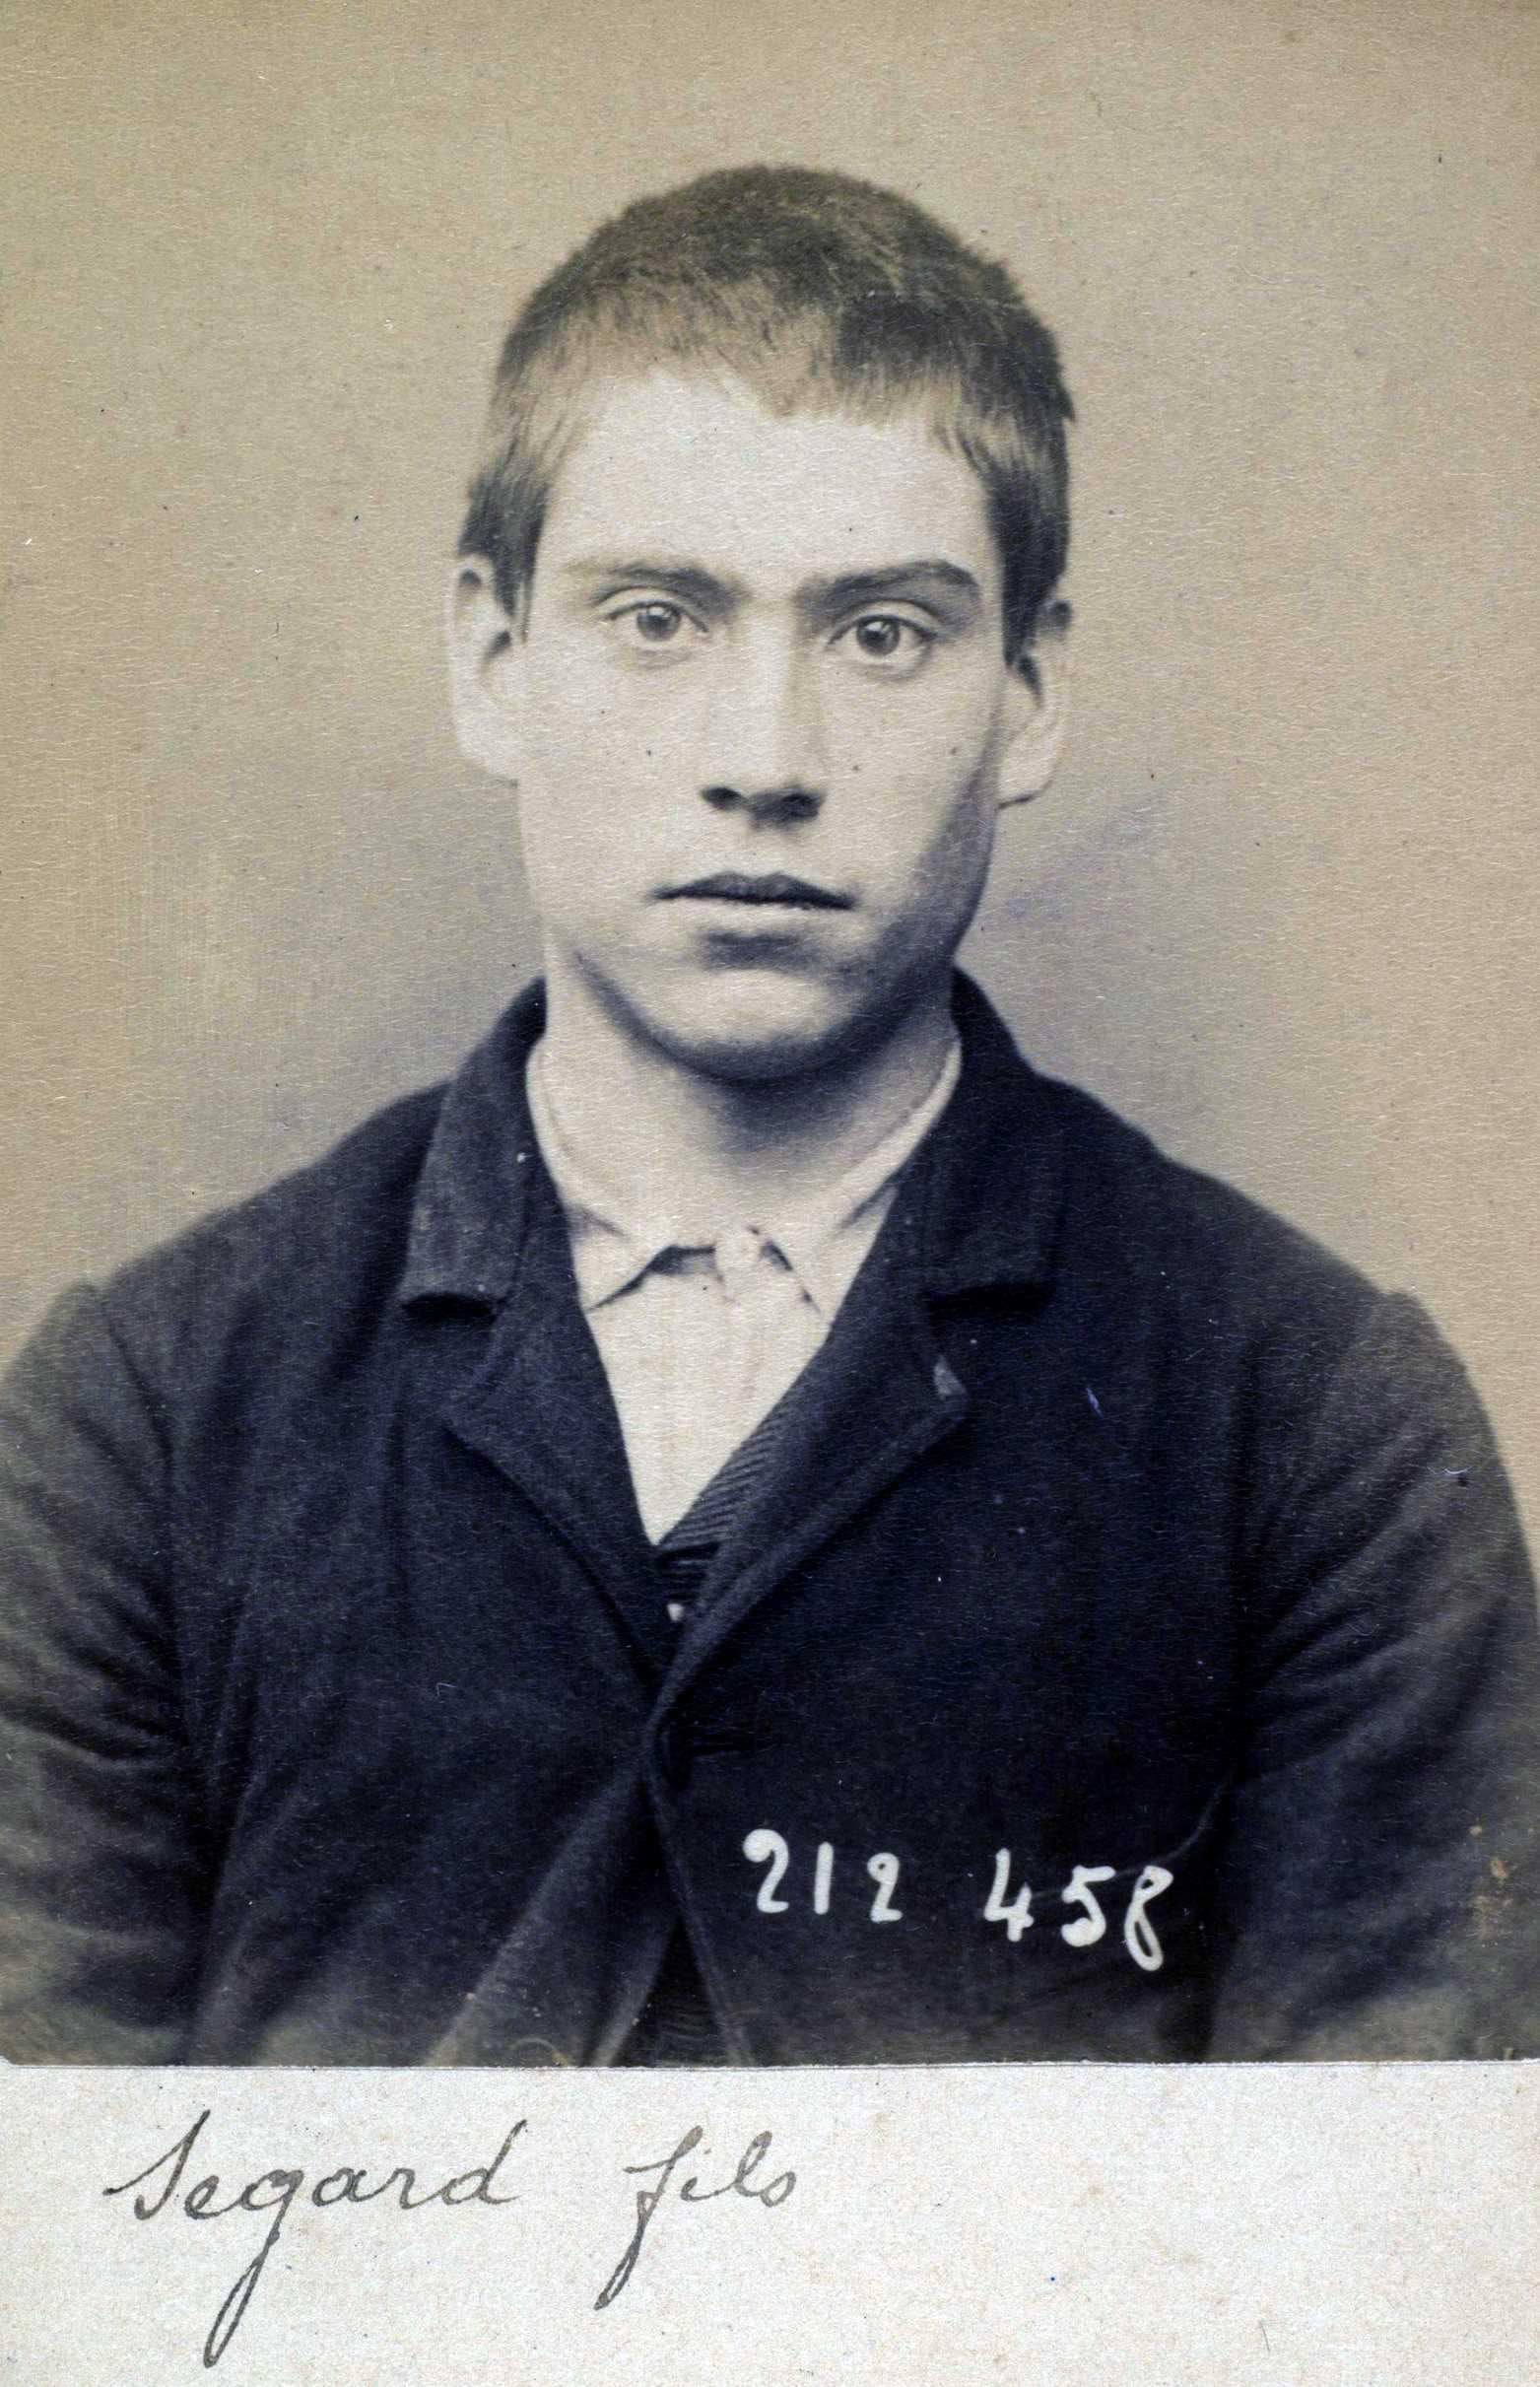 Foto policíaca d'Émilien Ségard (2 de juliol de 1894)